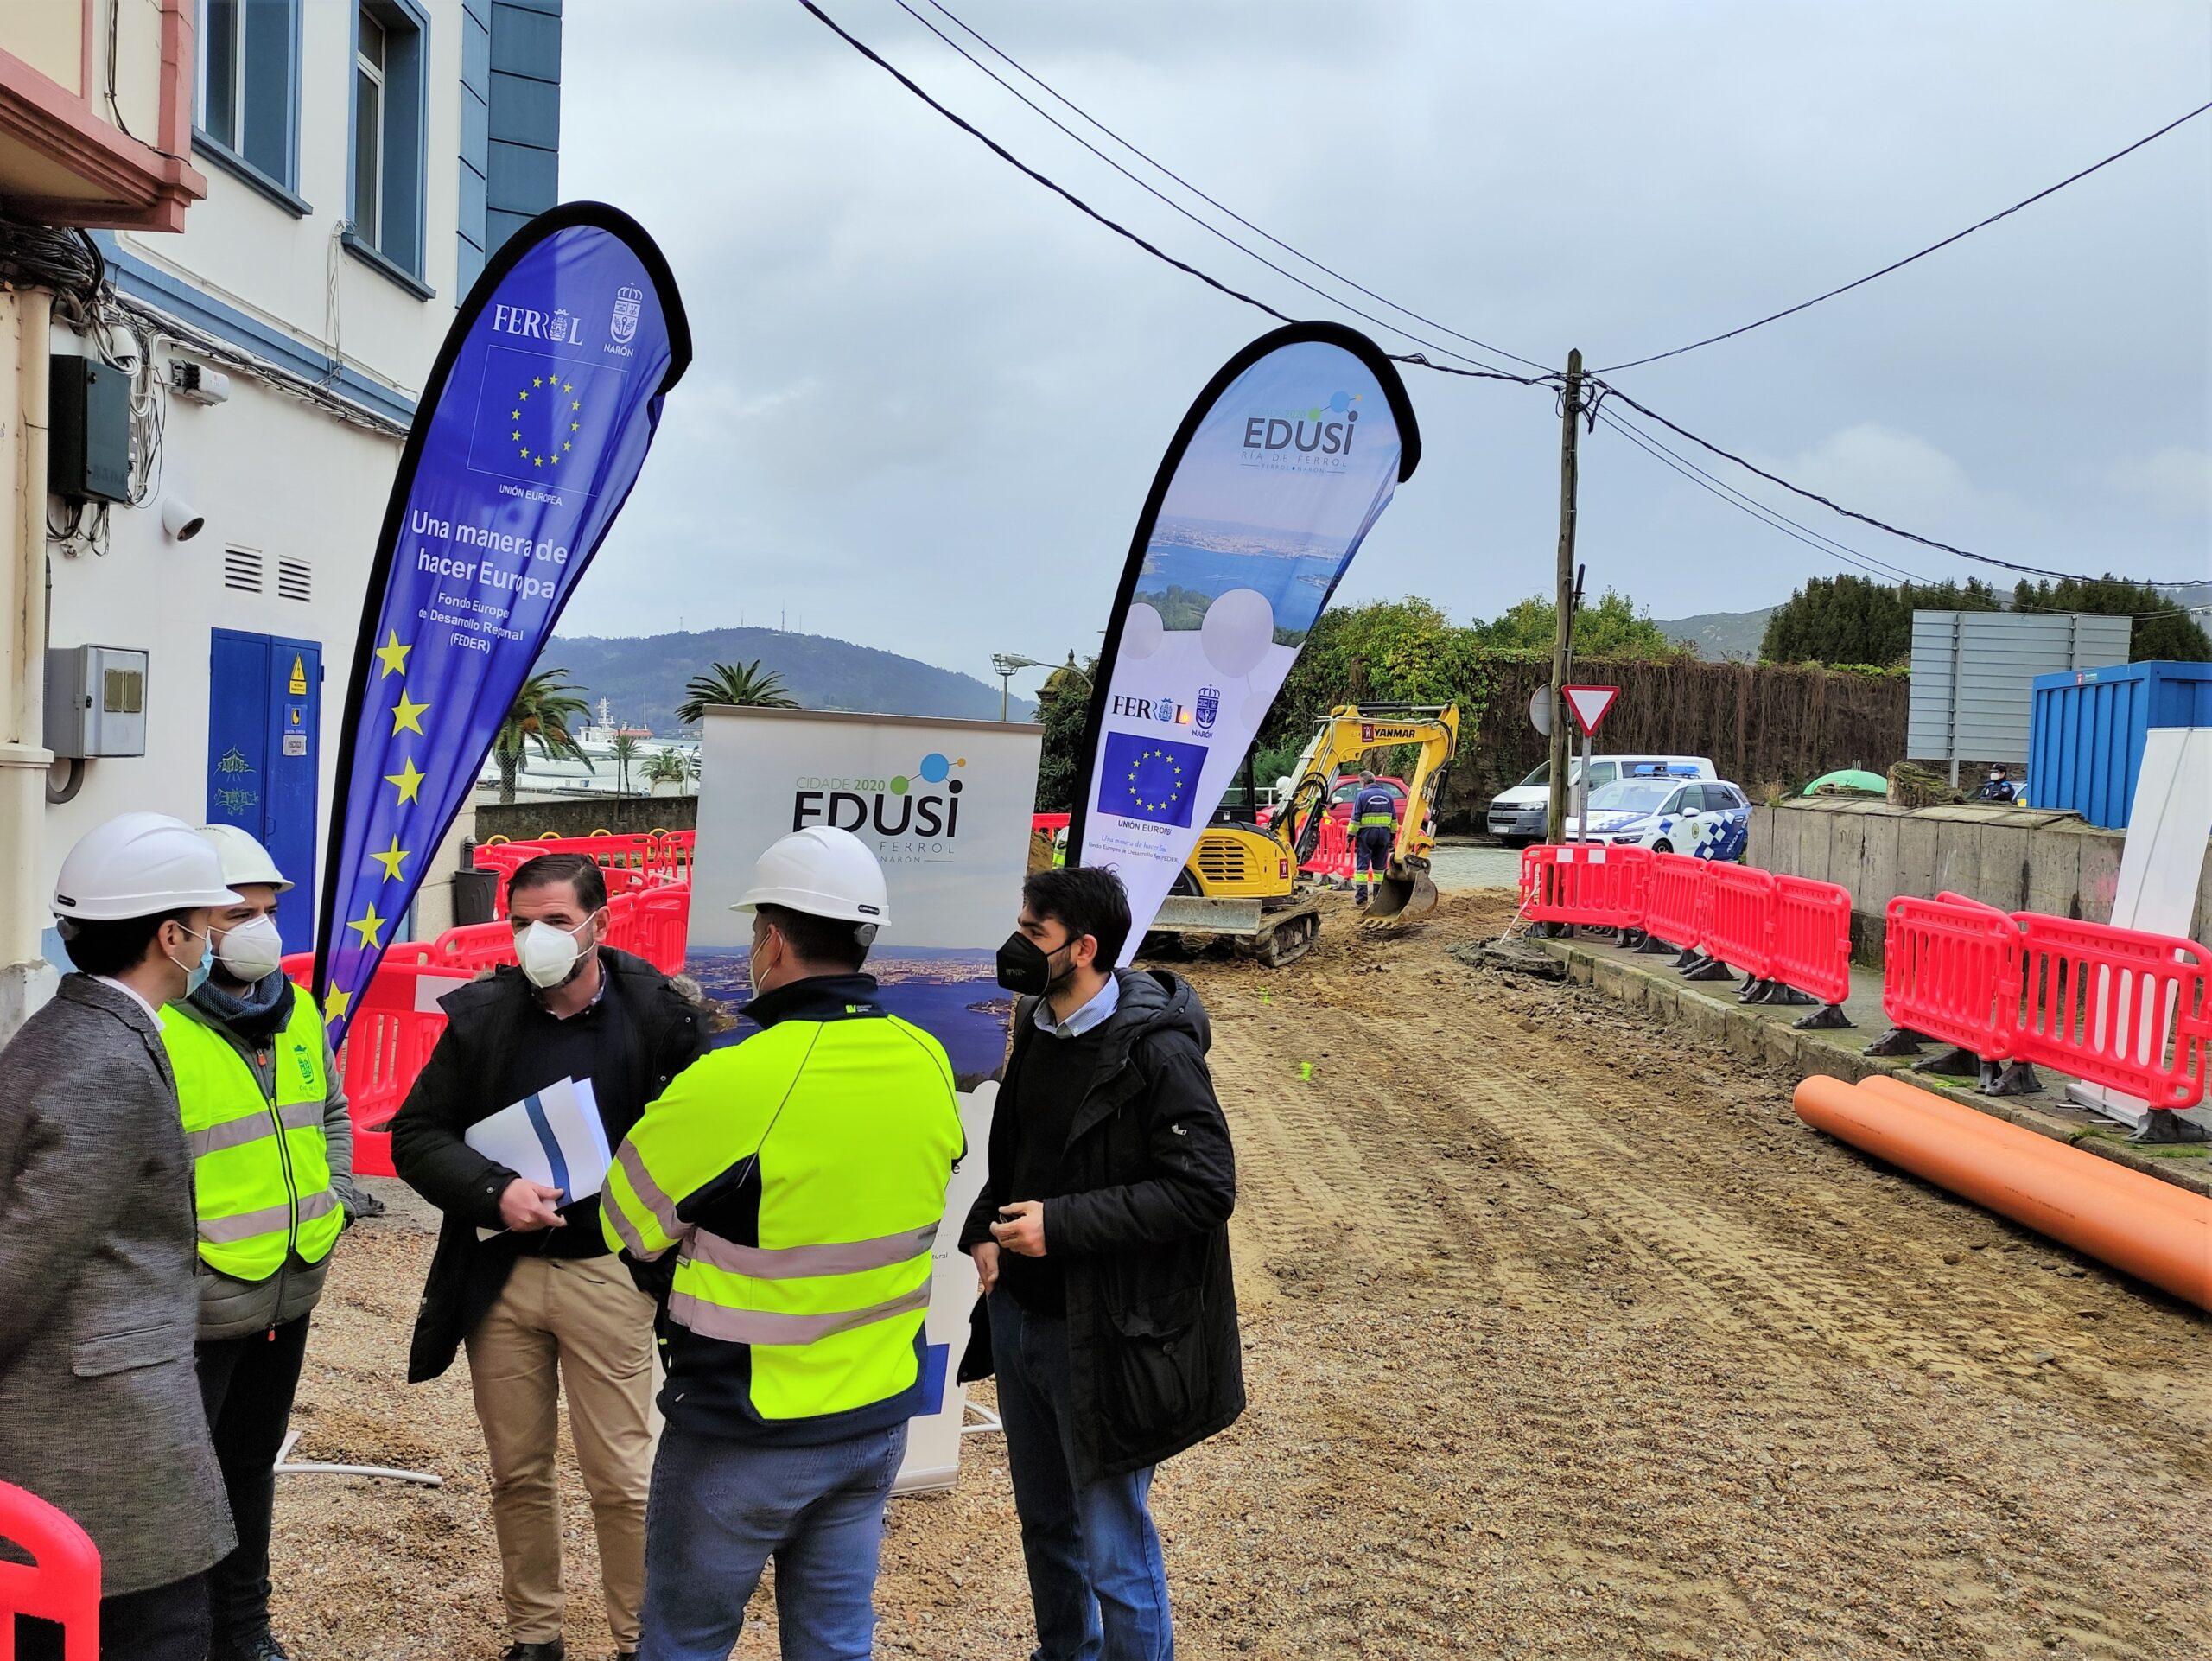 La nueva plataforma de la calle Espartero se prolongarán hasta la antigua fábrica de lápices